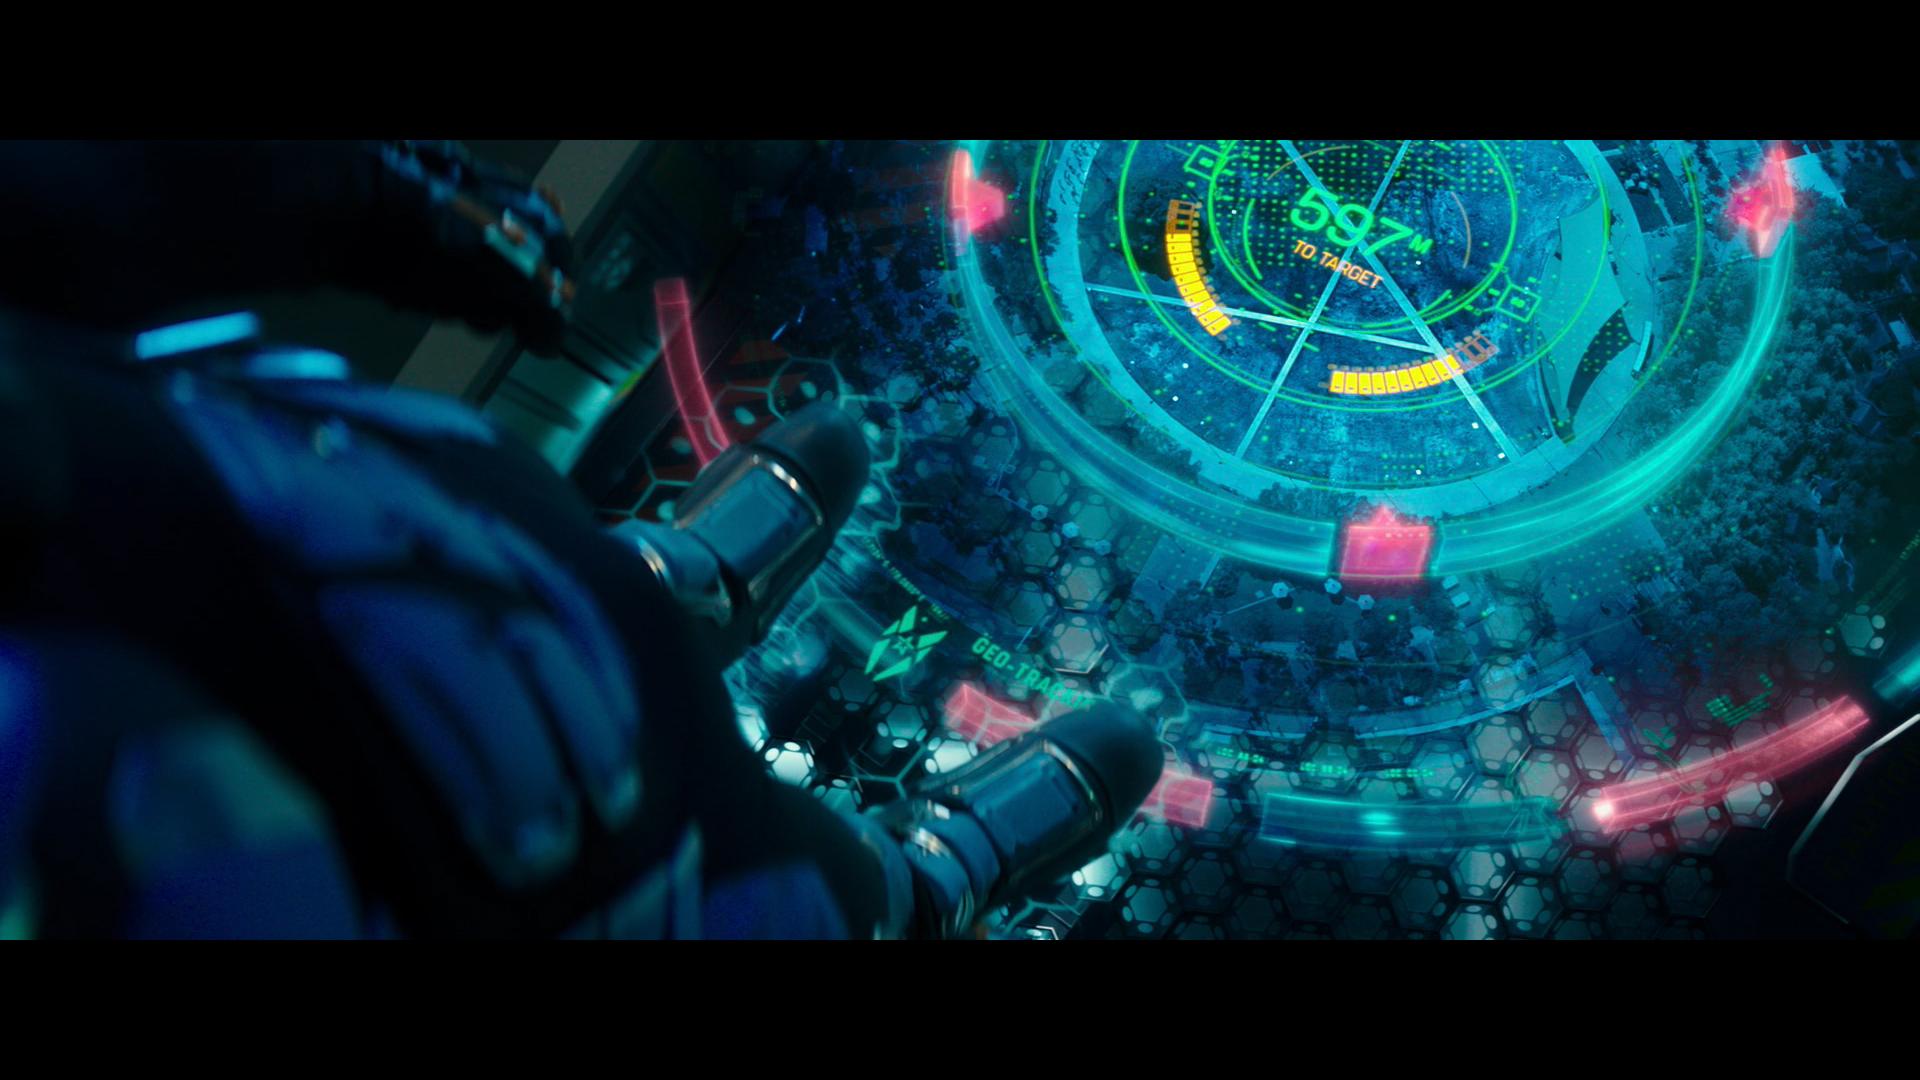 Film_stills_0000_01.png.jpg